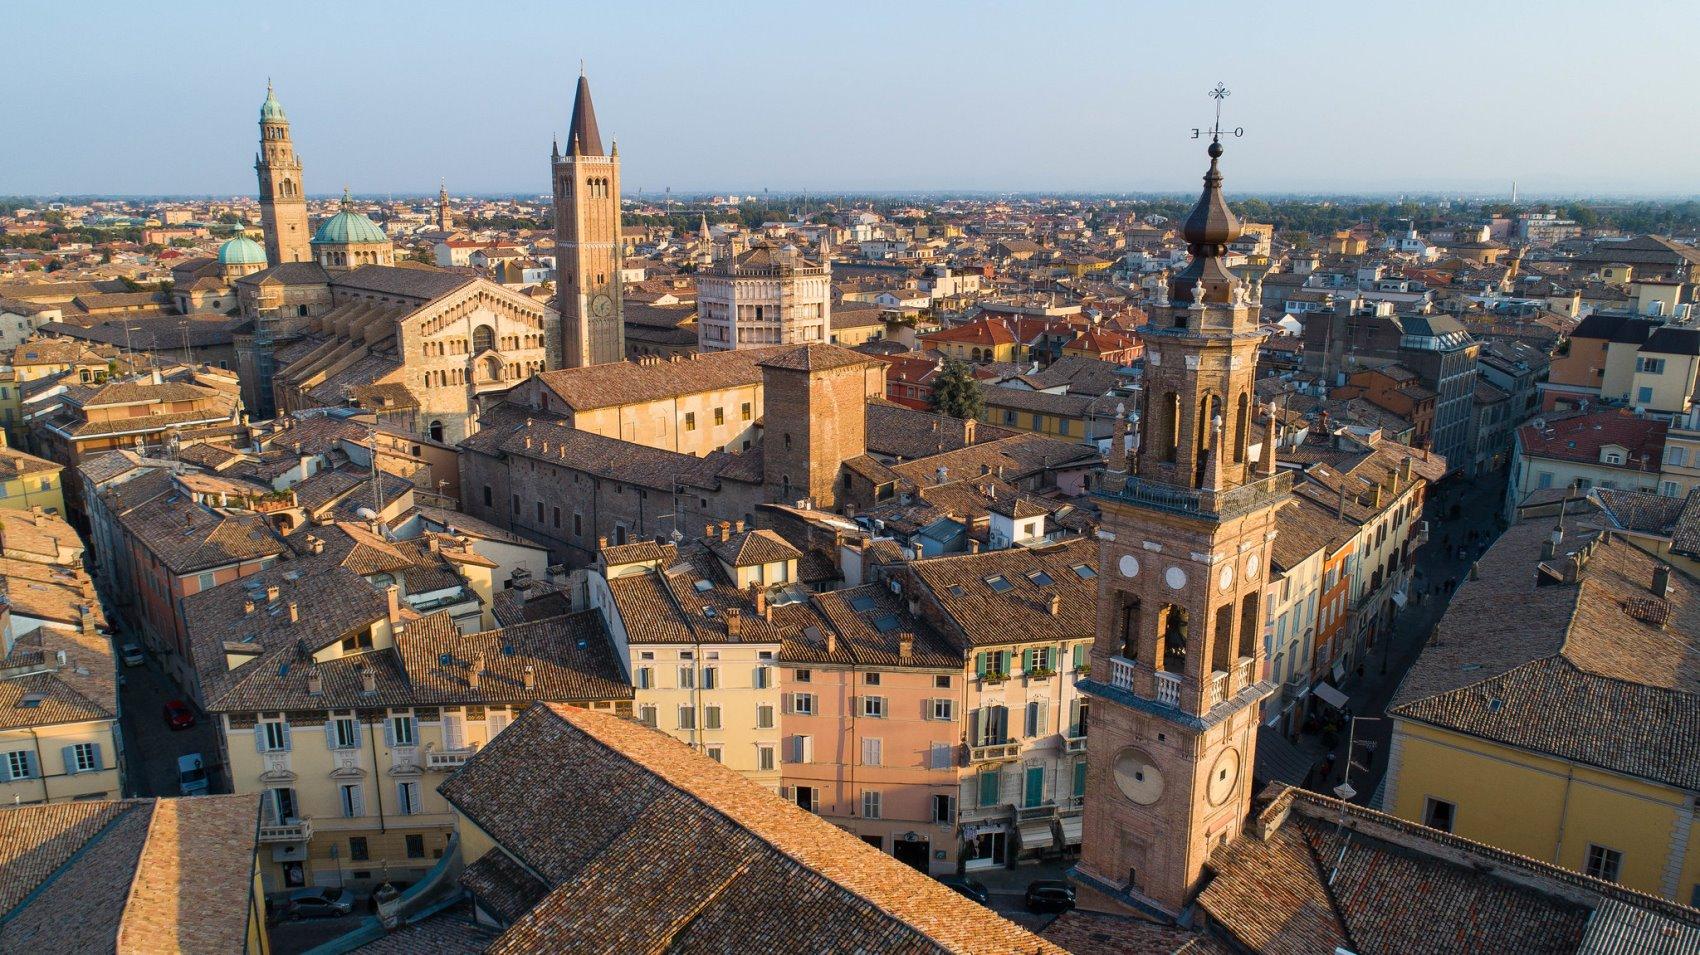 Parma veduta aerea PCT.jpg